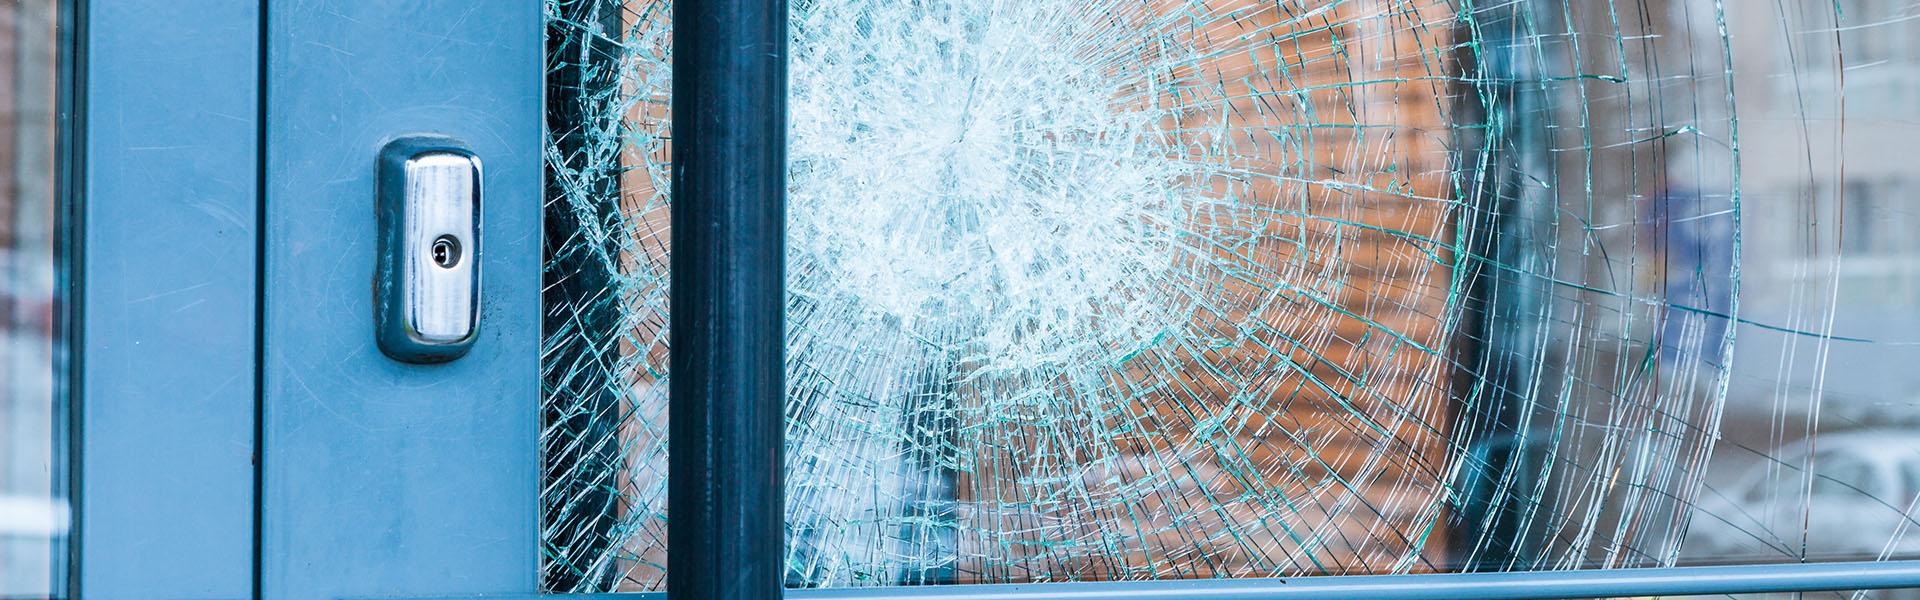 Vidrios Antirrobo Vidrios Blindados Casa 02